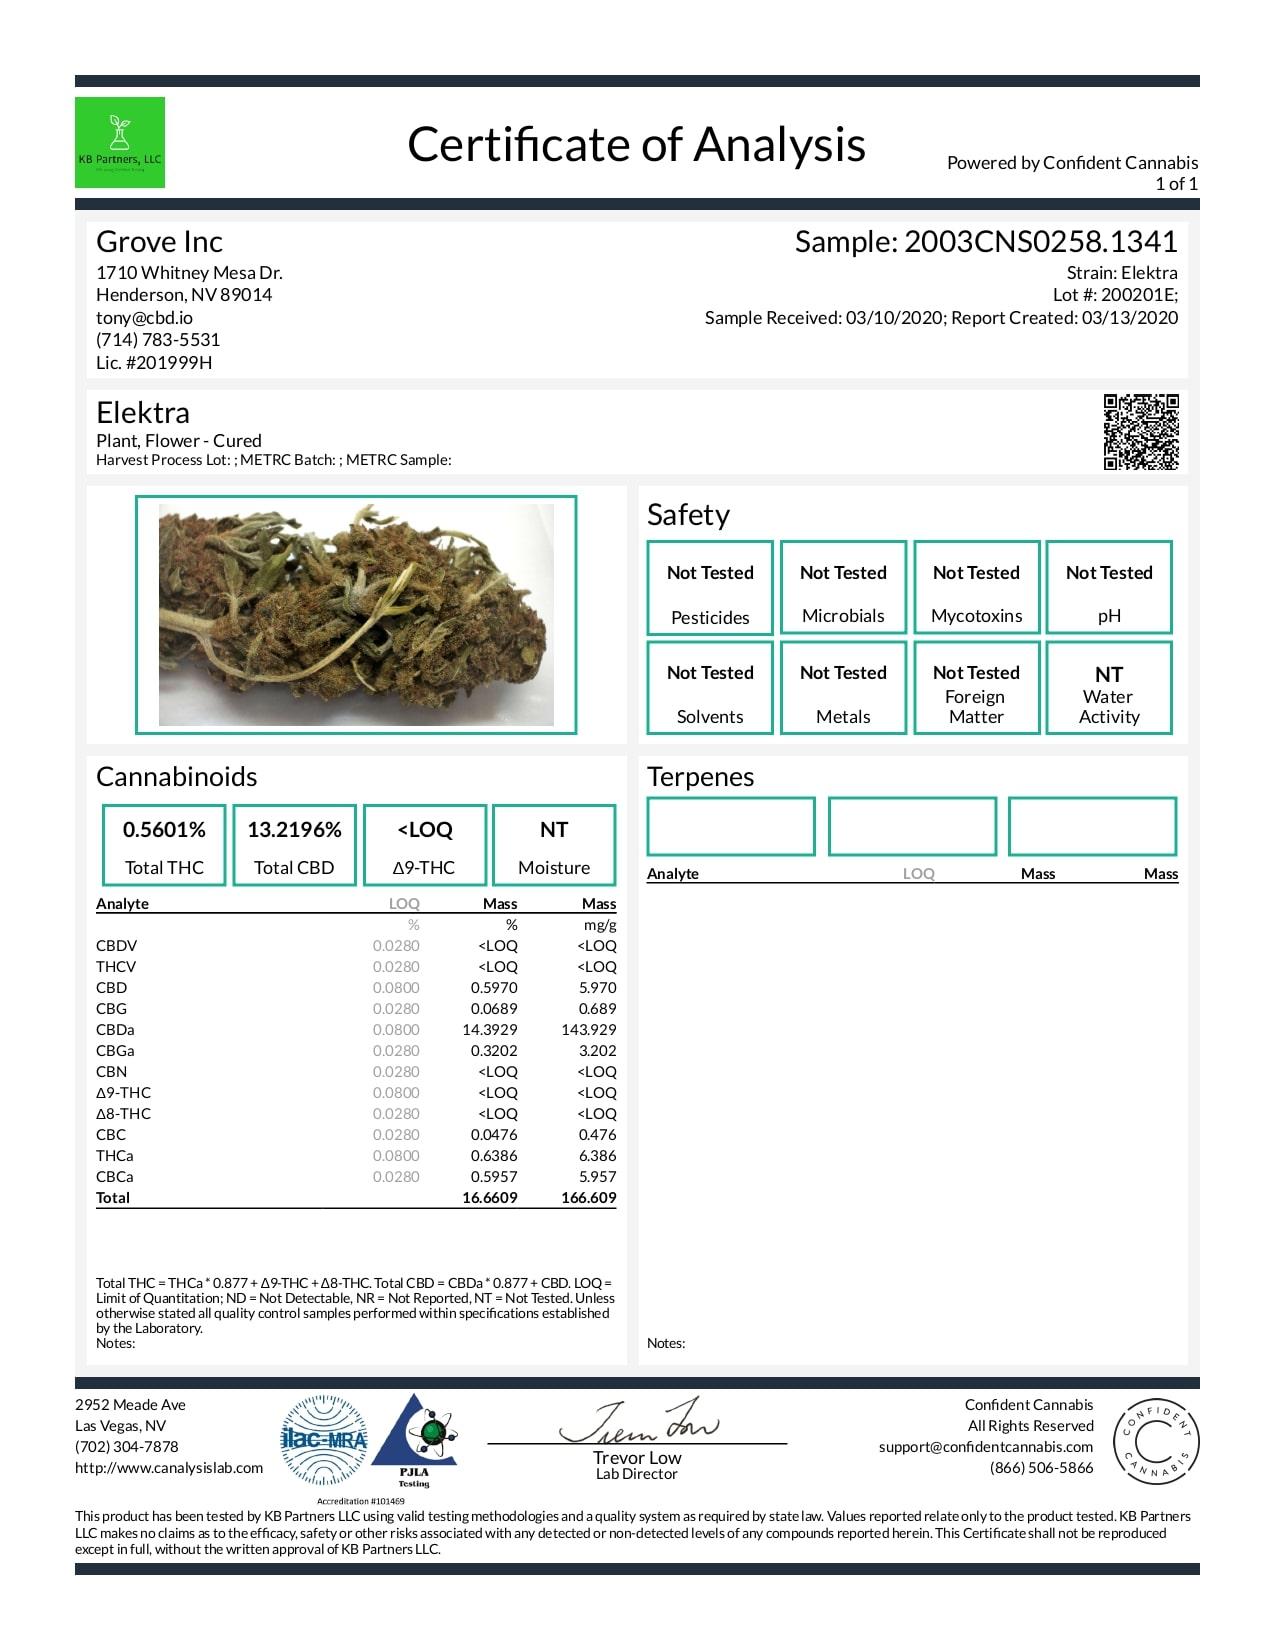 LOOT CBD Hemp Flower Elektra Lab Report